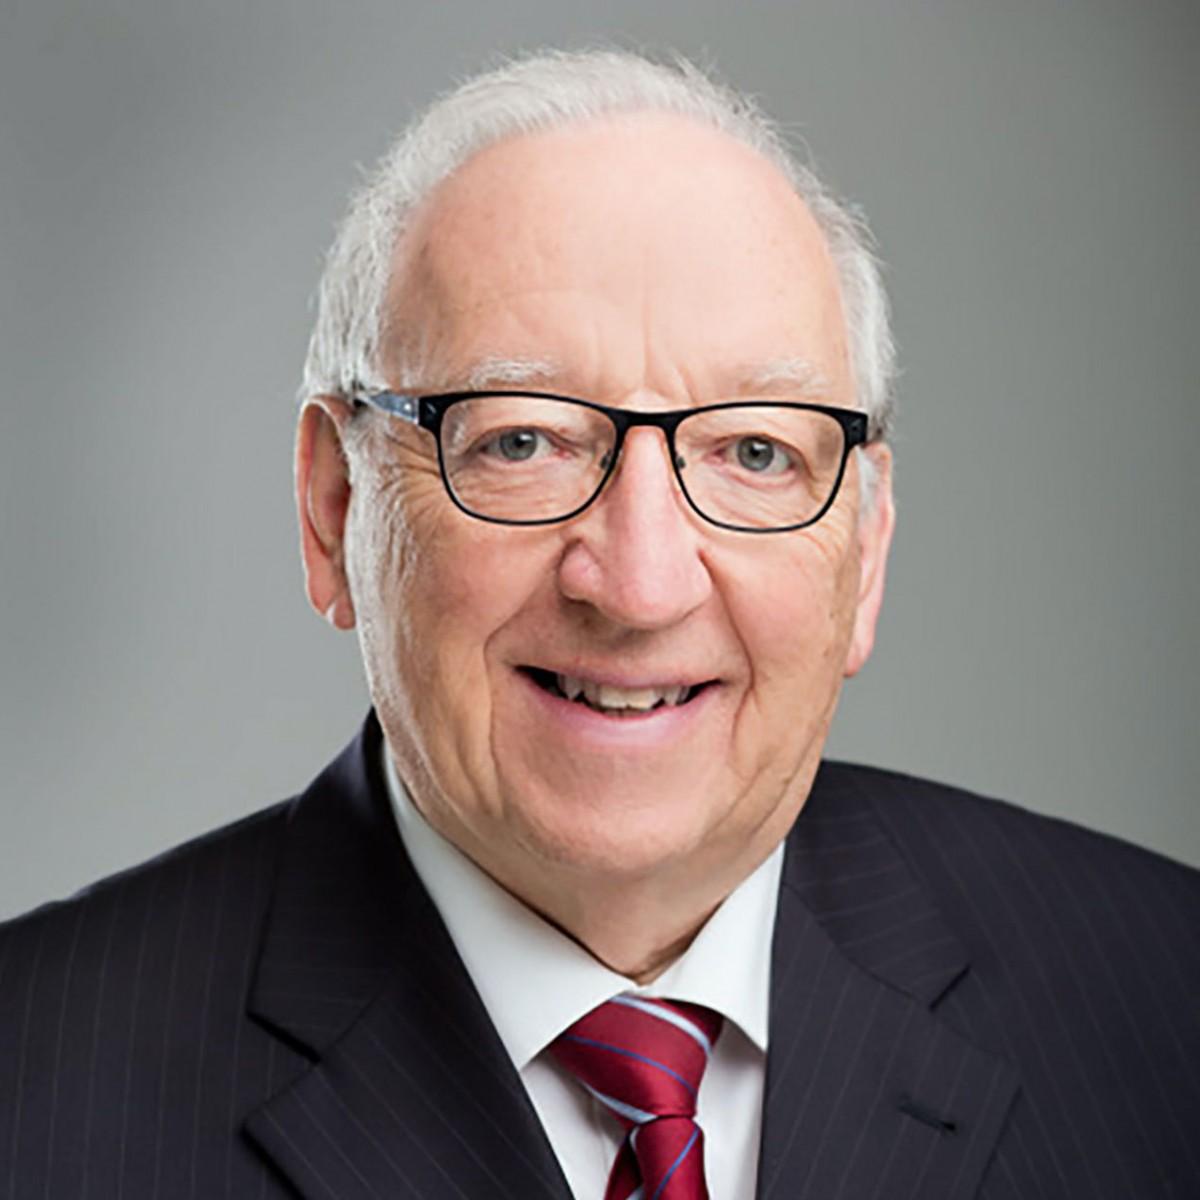 Prof. Dr. med. h.c. mult. Eberhart Zrenner